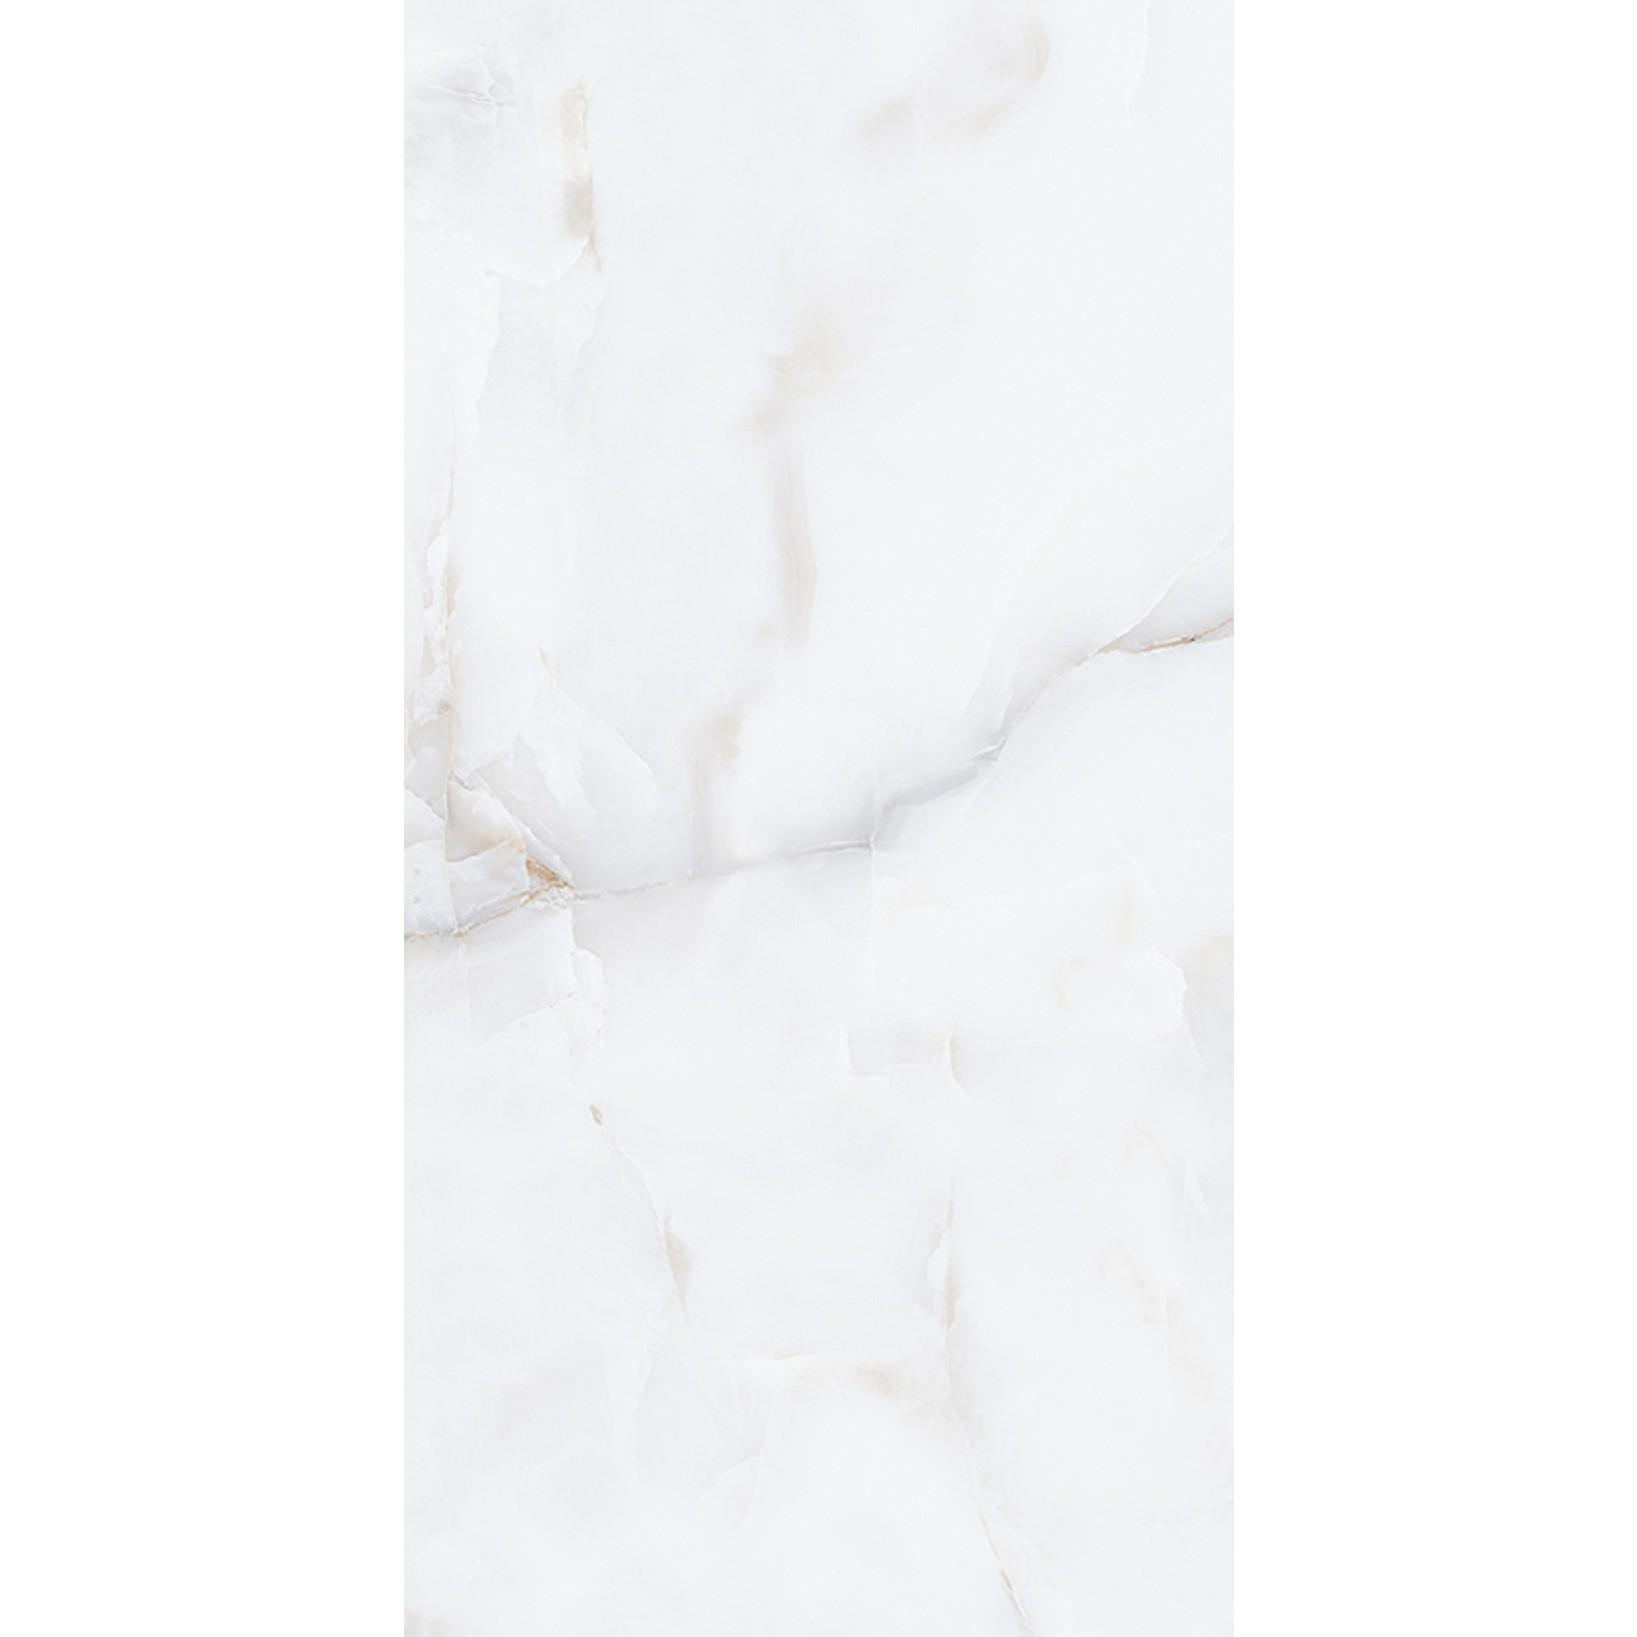 Porcelanato Tipo A 60x120 cm Onix Esmaltado Polido 144m - Platinum